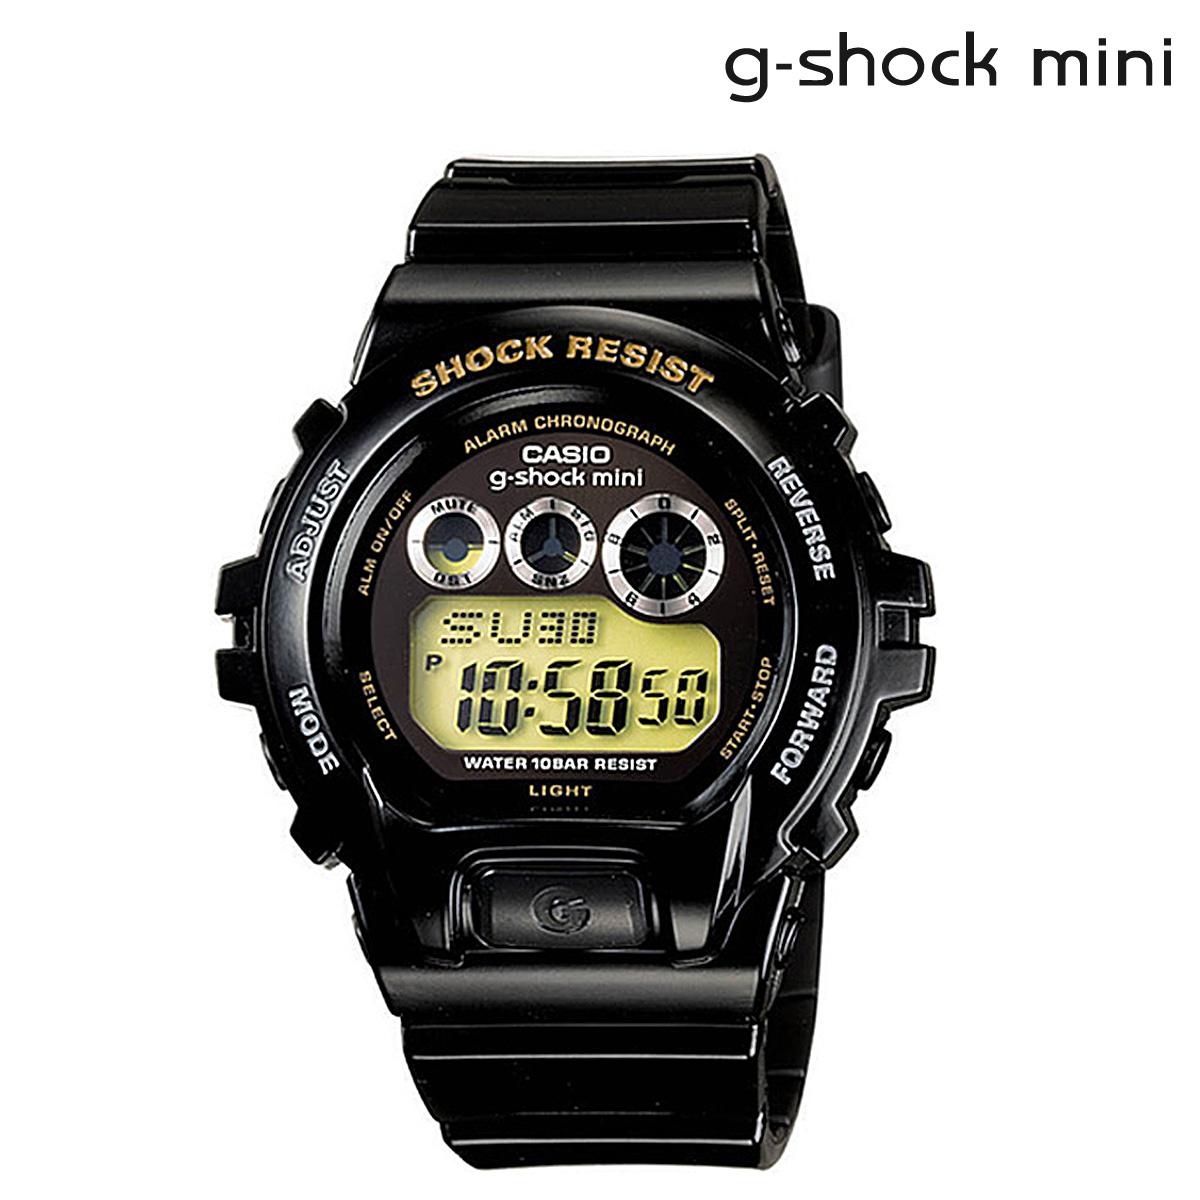 カシオ CASIO g-shock mini 腕時計 GMN-691G-1JR ジーショック ミニ Gショック G-ショック レディース